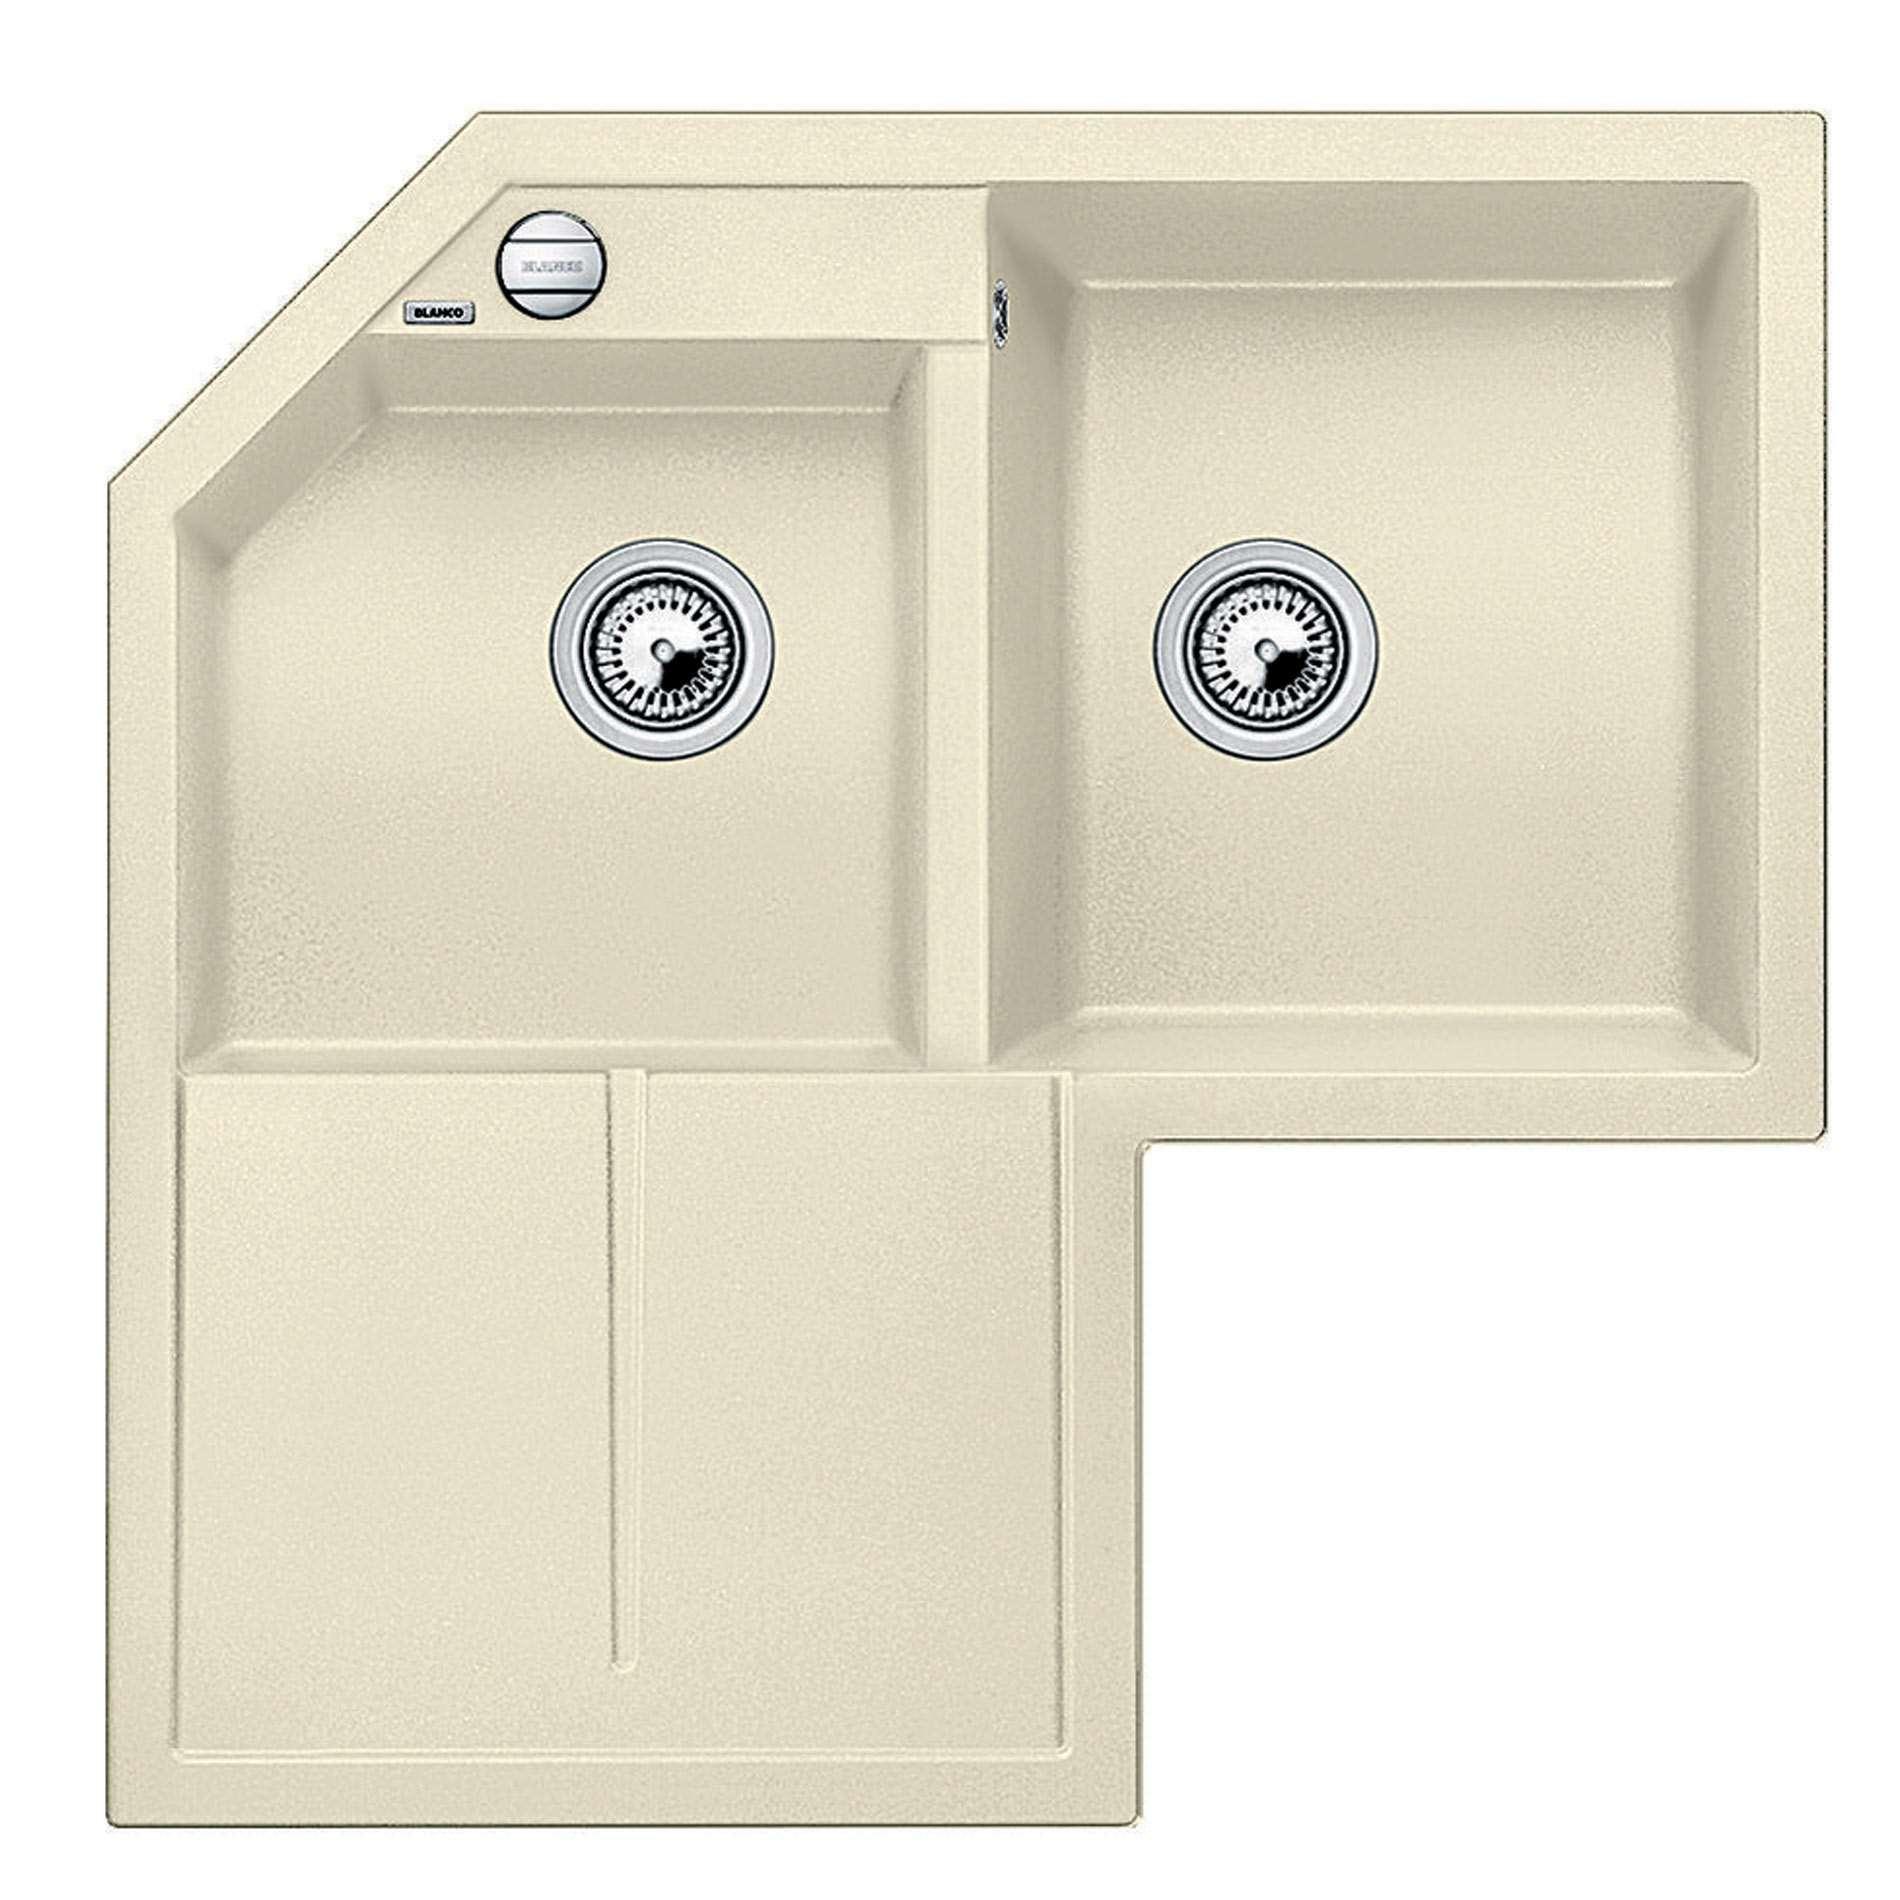 Blanco Metra Sink : Kitchen Sinks & Taps - Blanco: Metra 9 E Jasmin Silgranit Sink